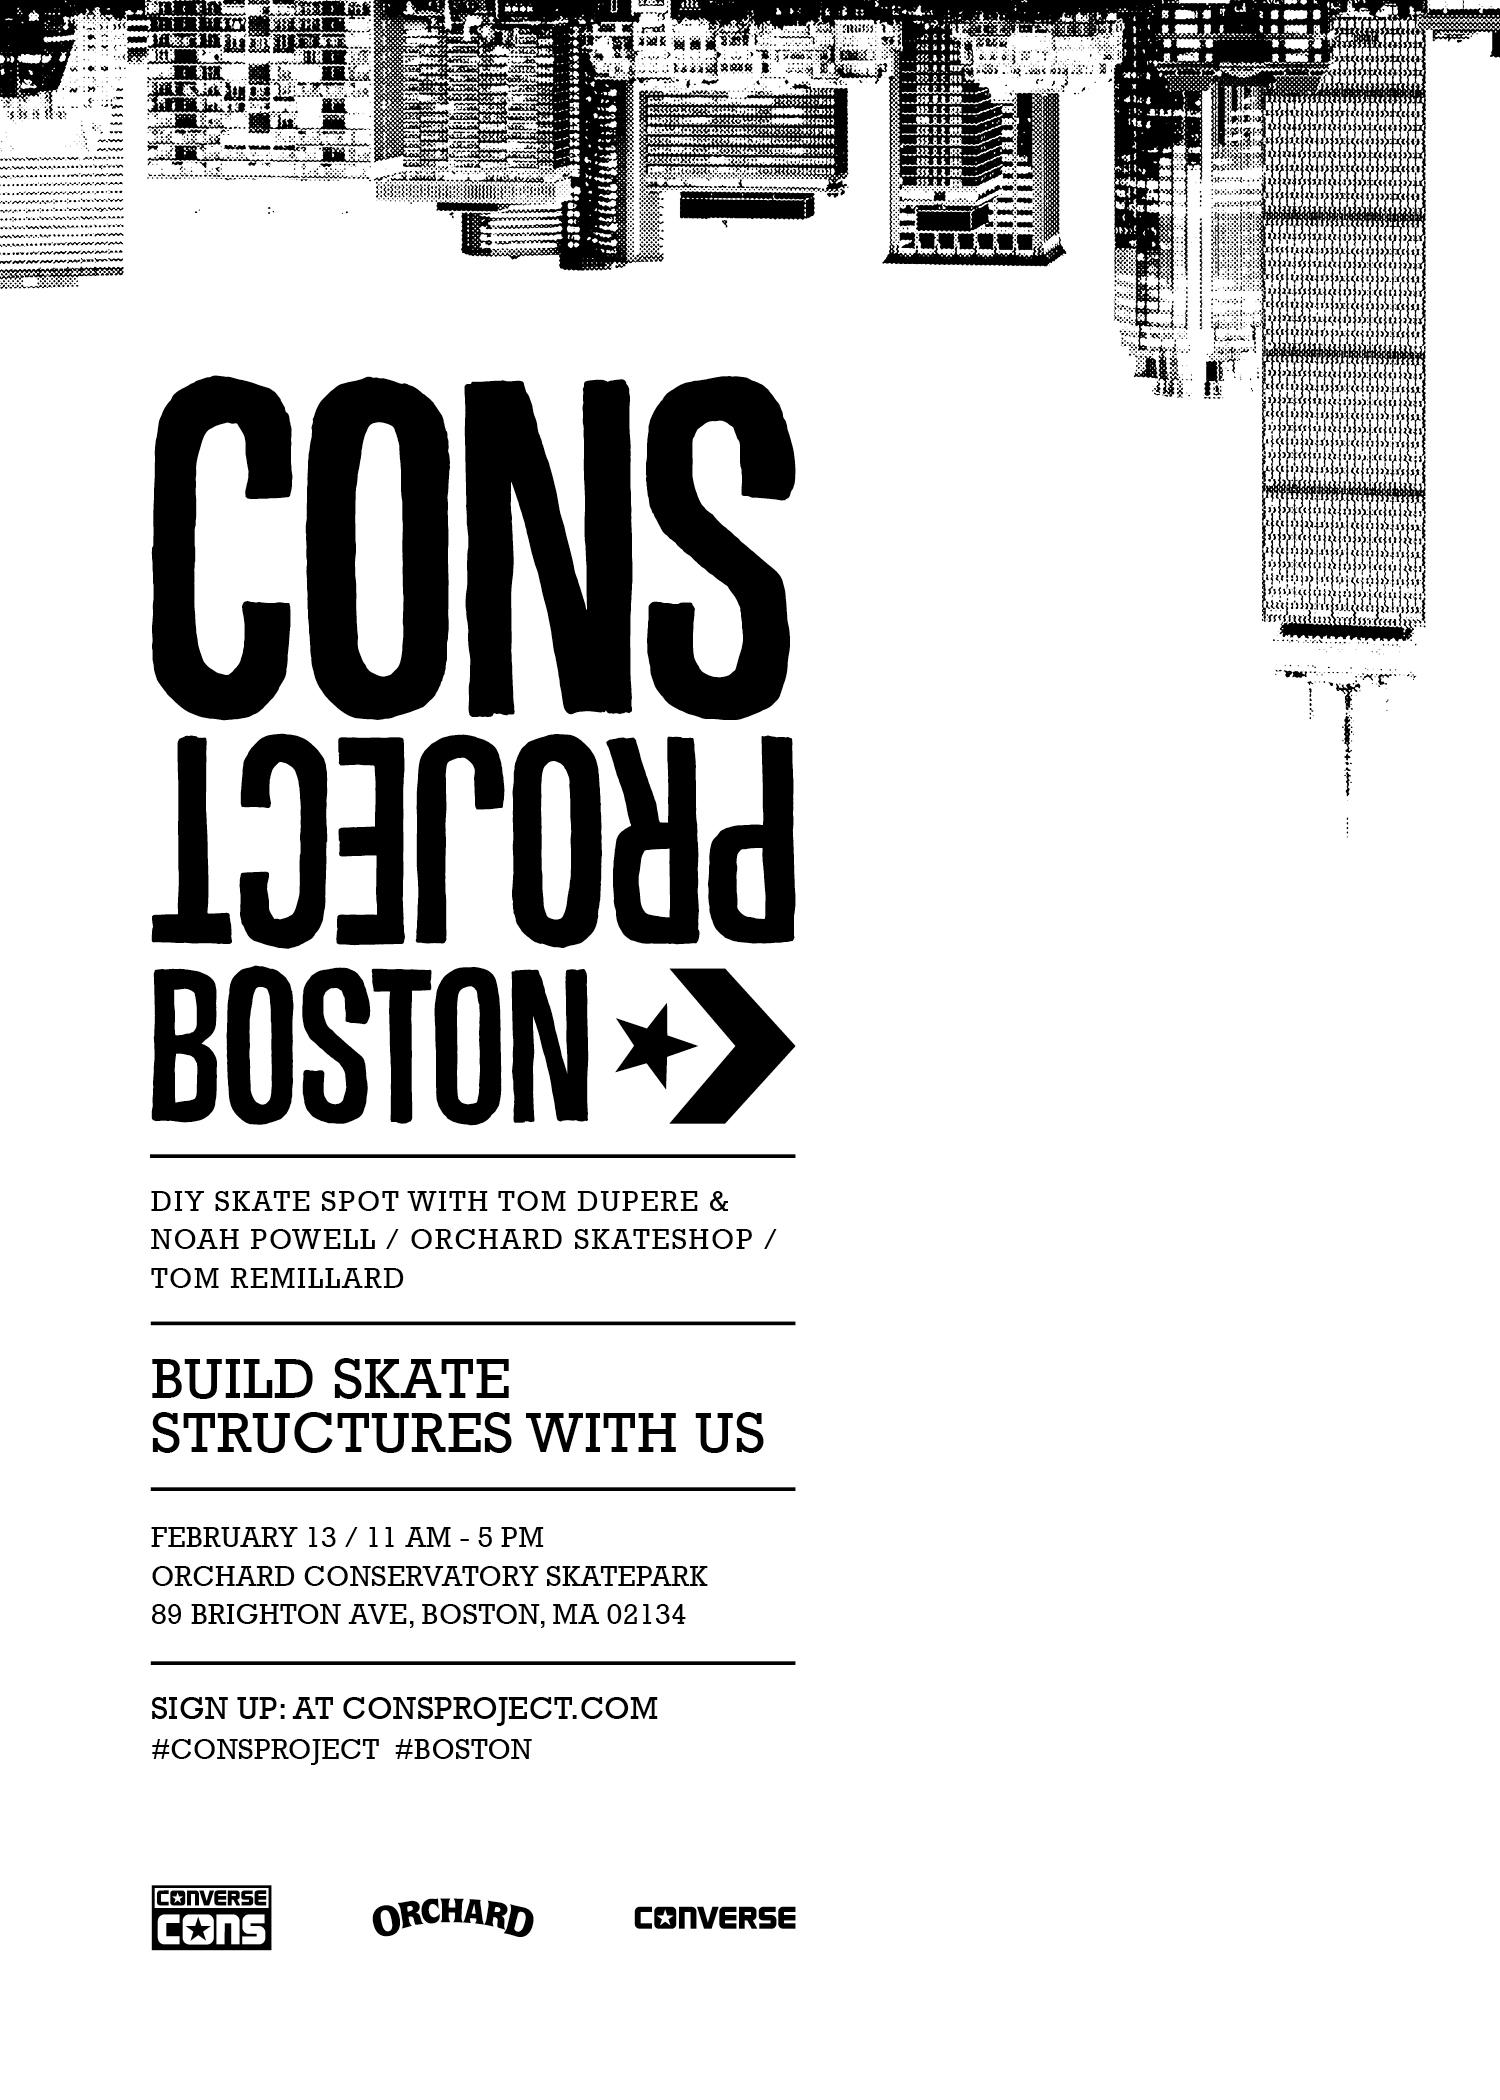 CONS Project Boston Invitation